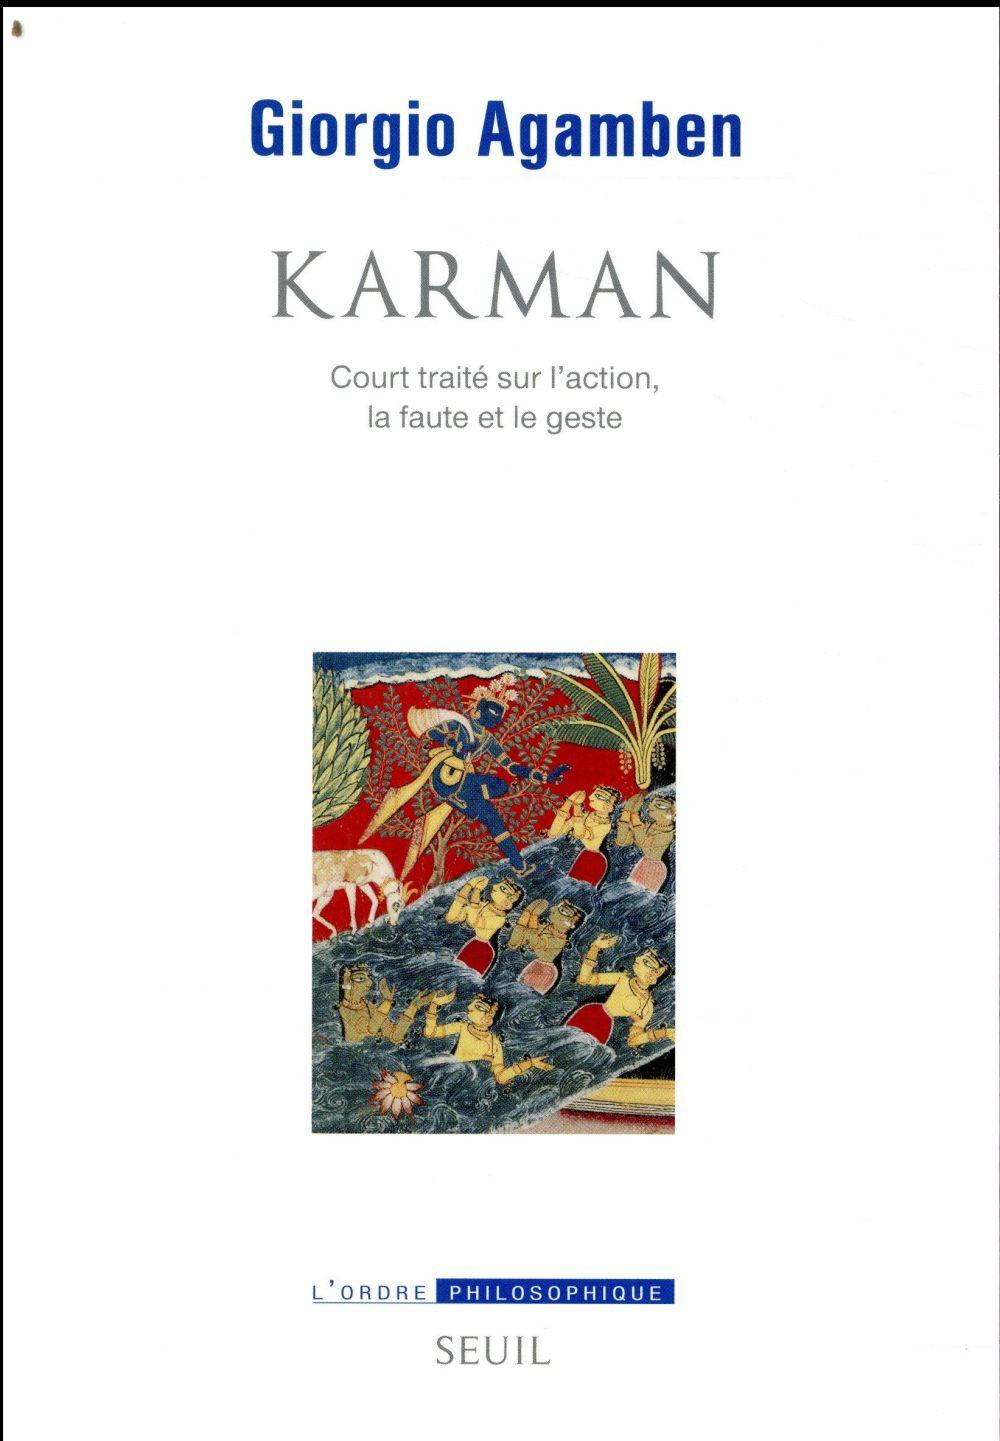 KARMAN : COURT TRAITE SUR L'ACTION LA FAUTE ET LE GESTE